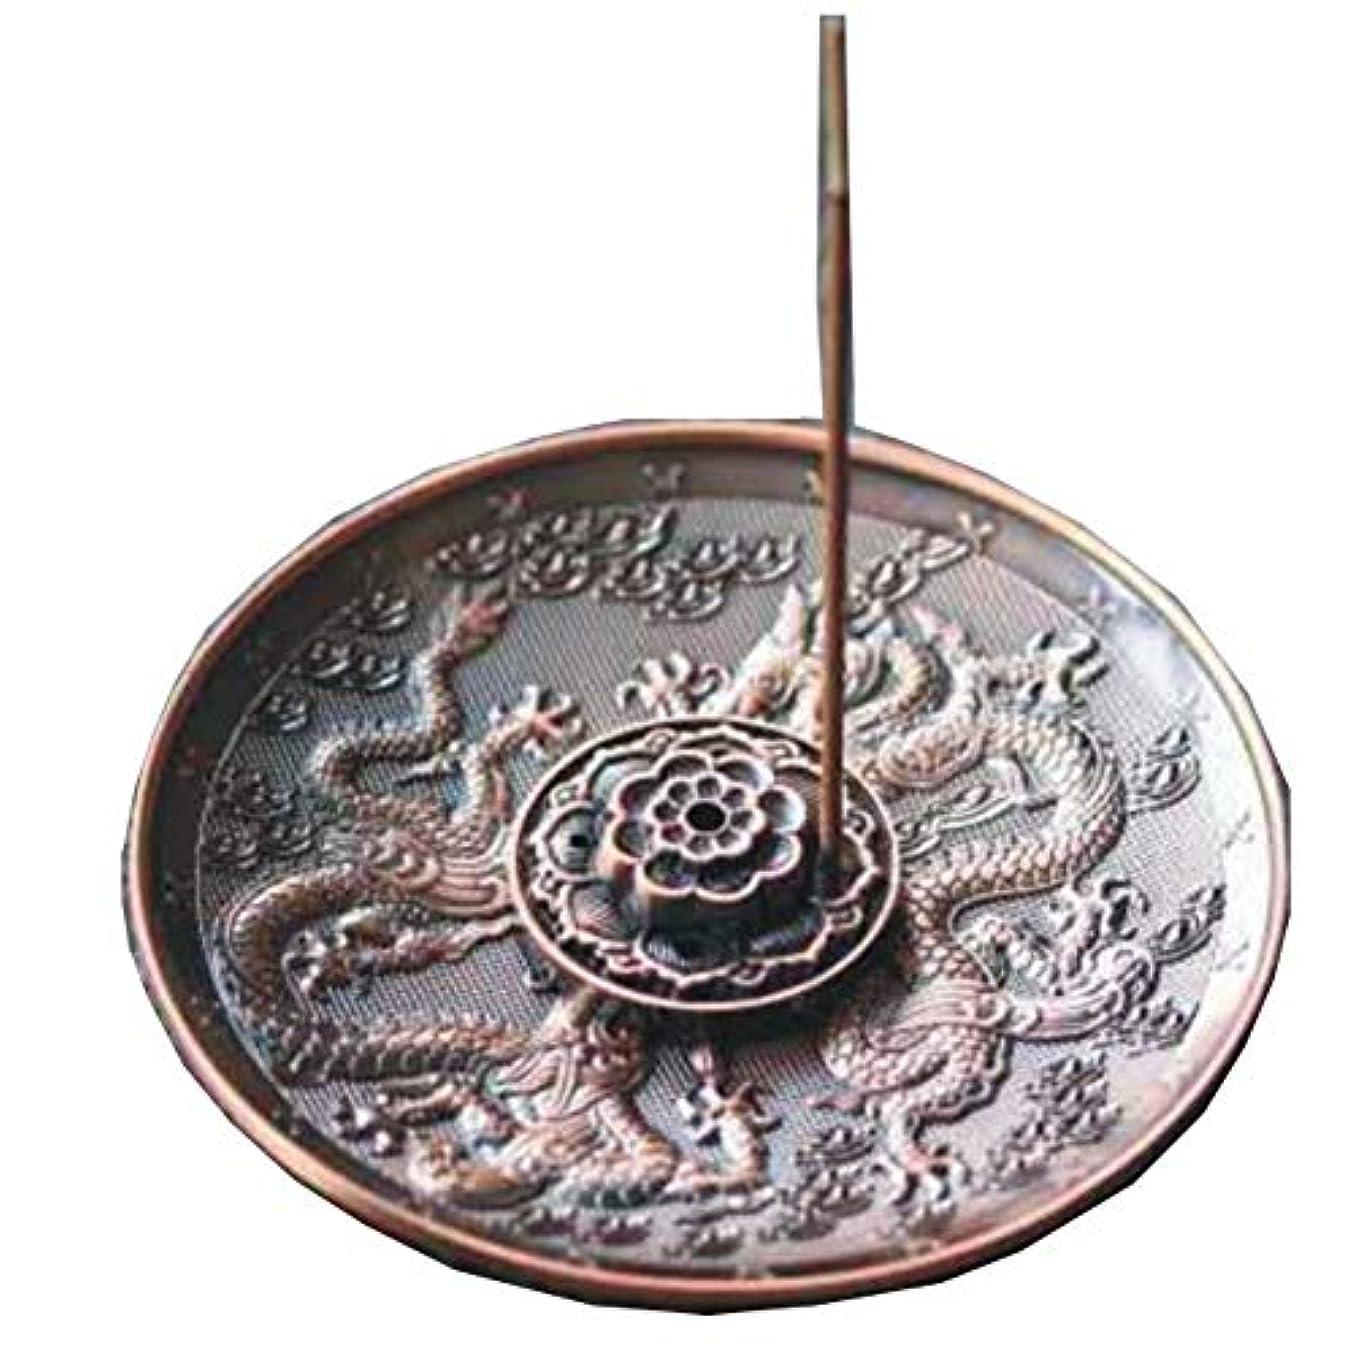 ハイキング箱ベーカリー[RADISSY] お香立て 香炉 香皿 スティック 円錐 タイプ お香 スタンド 龍のデザイン (赤胴色9穴)